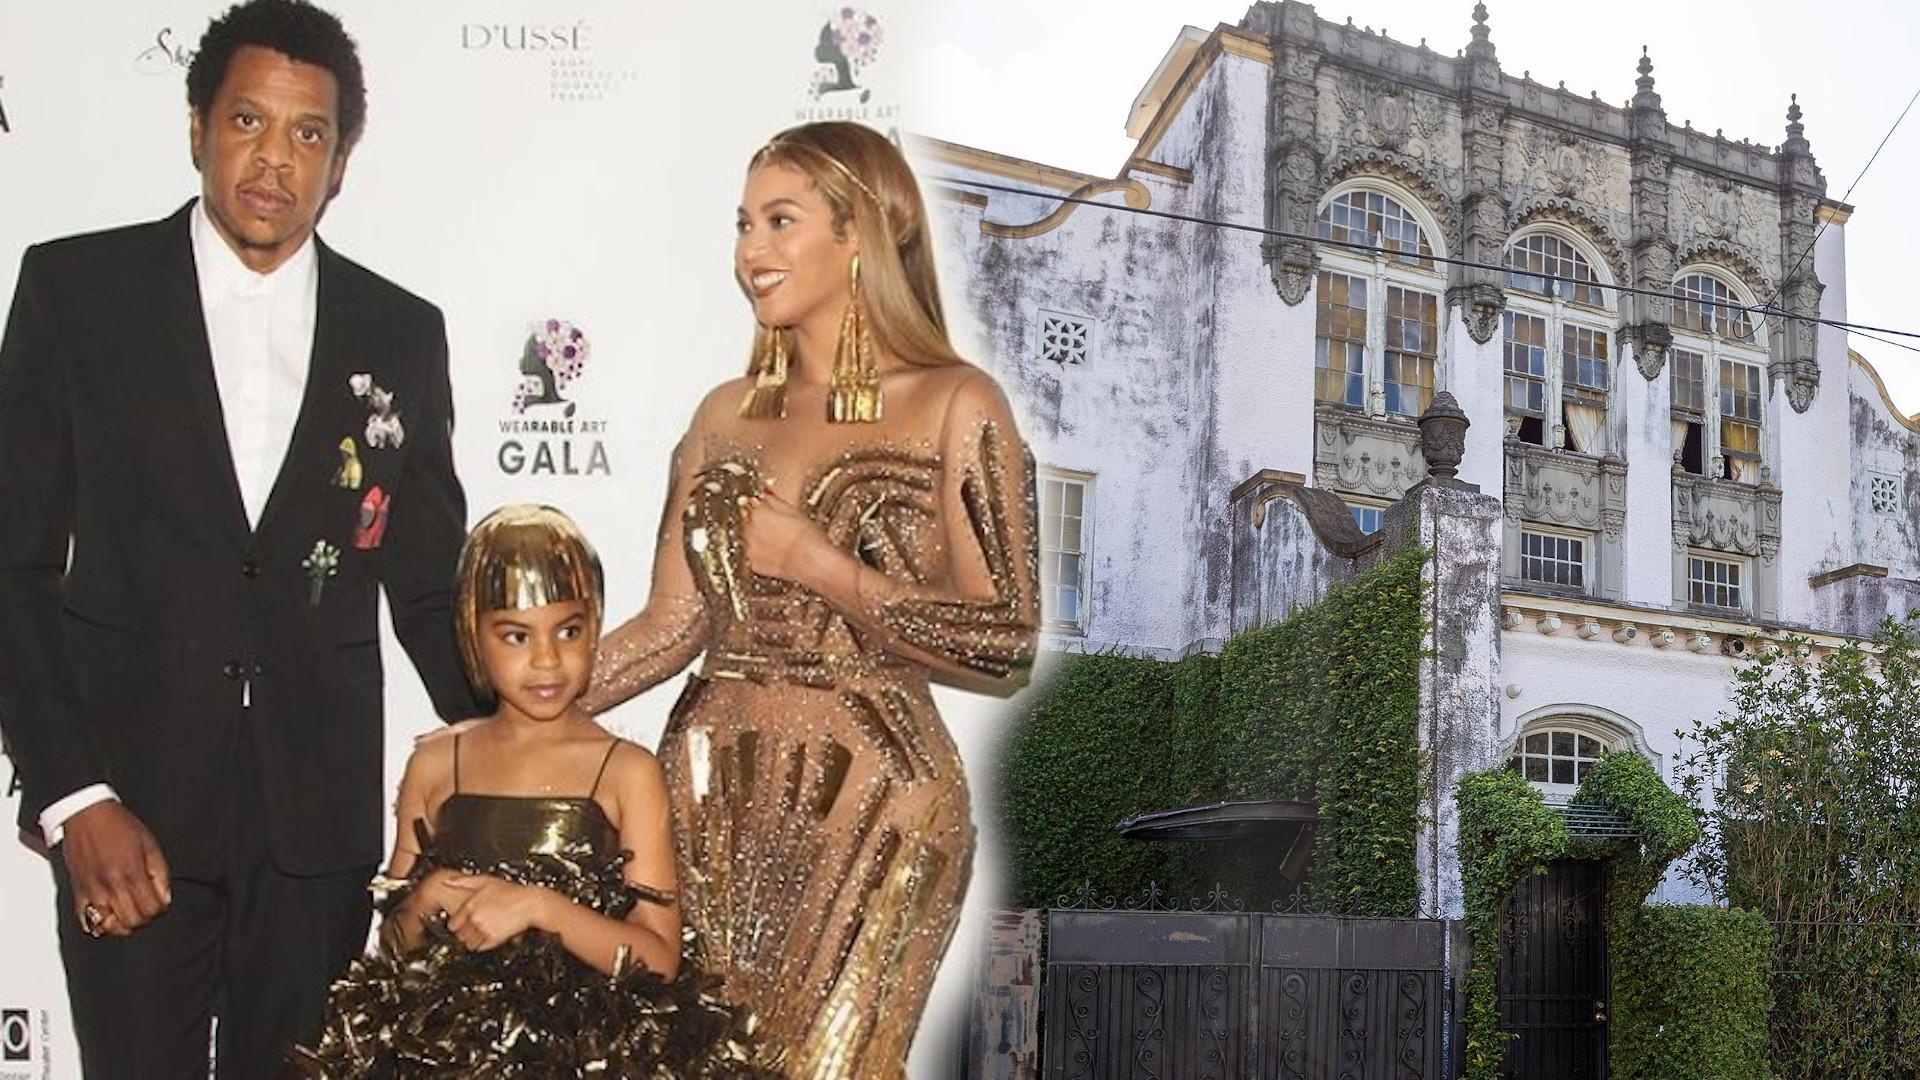 Podpalono dom Beyonce i Jay-Z (ZDJĘCIA)